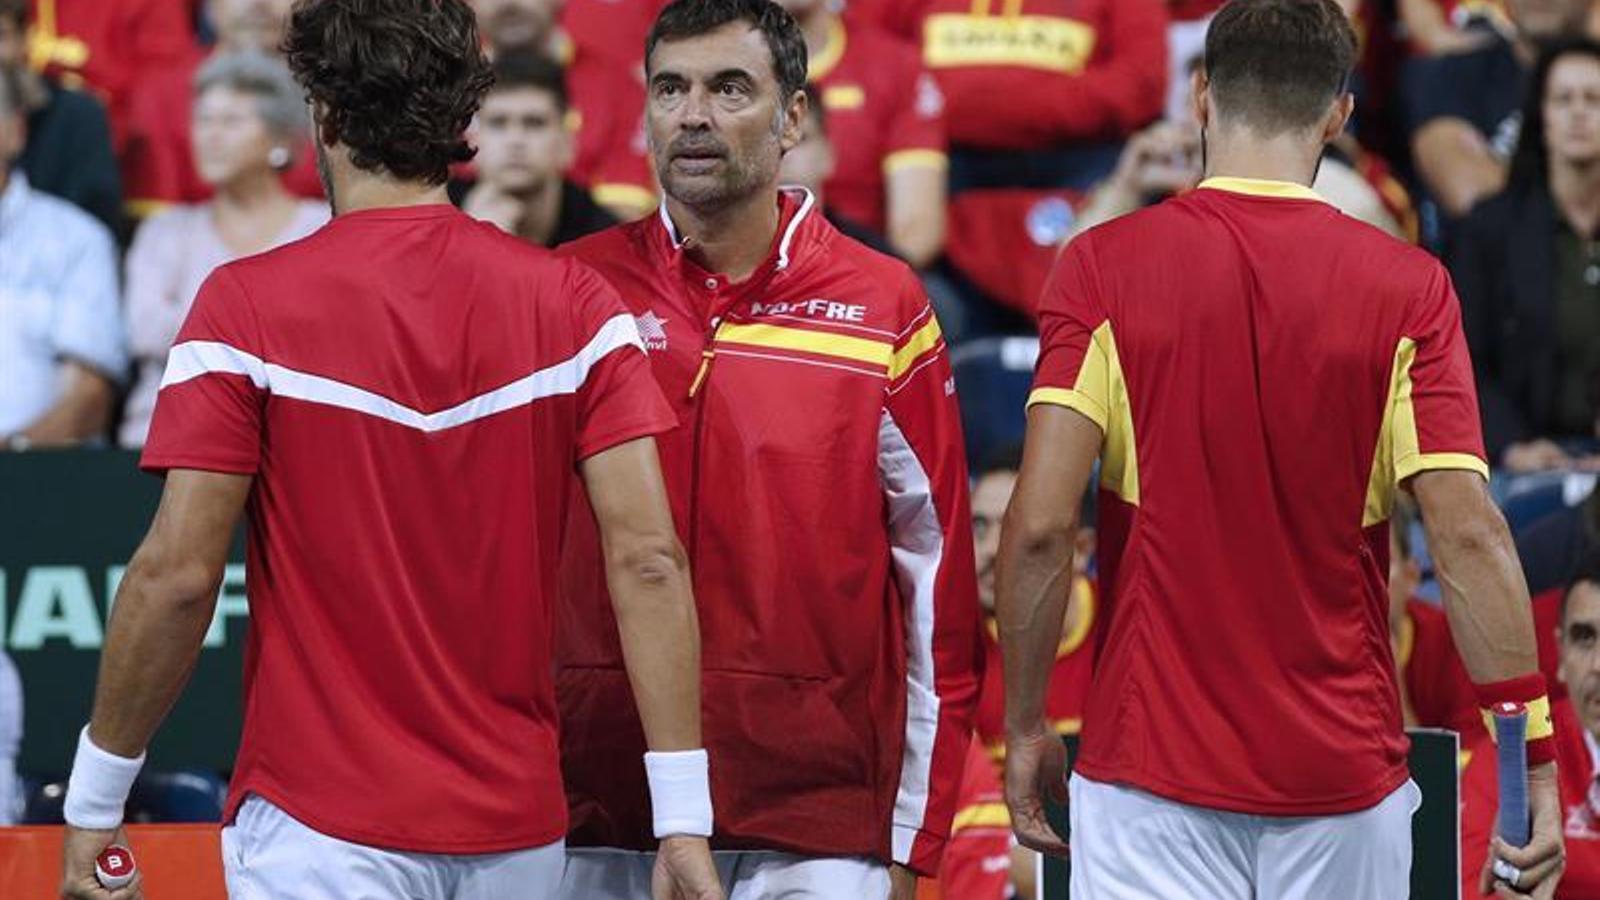 França, sense pietat d'Espanya a les semifinals de la Copa Davis